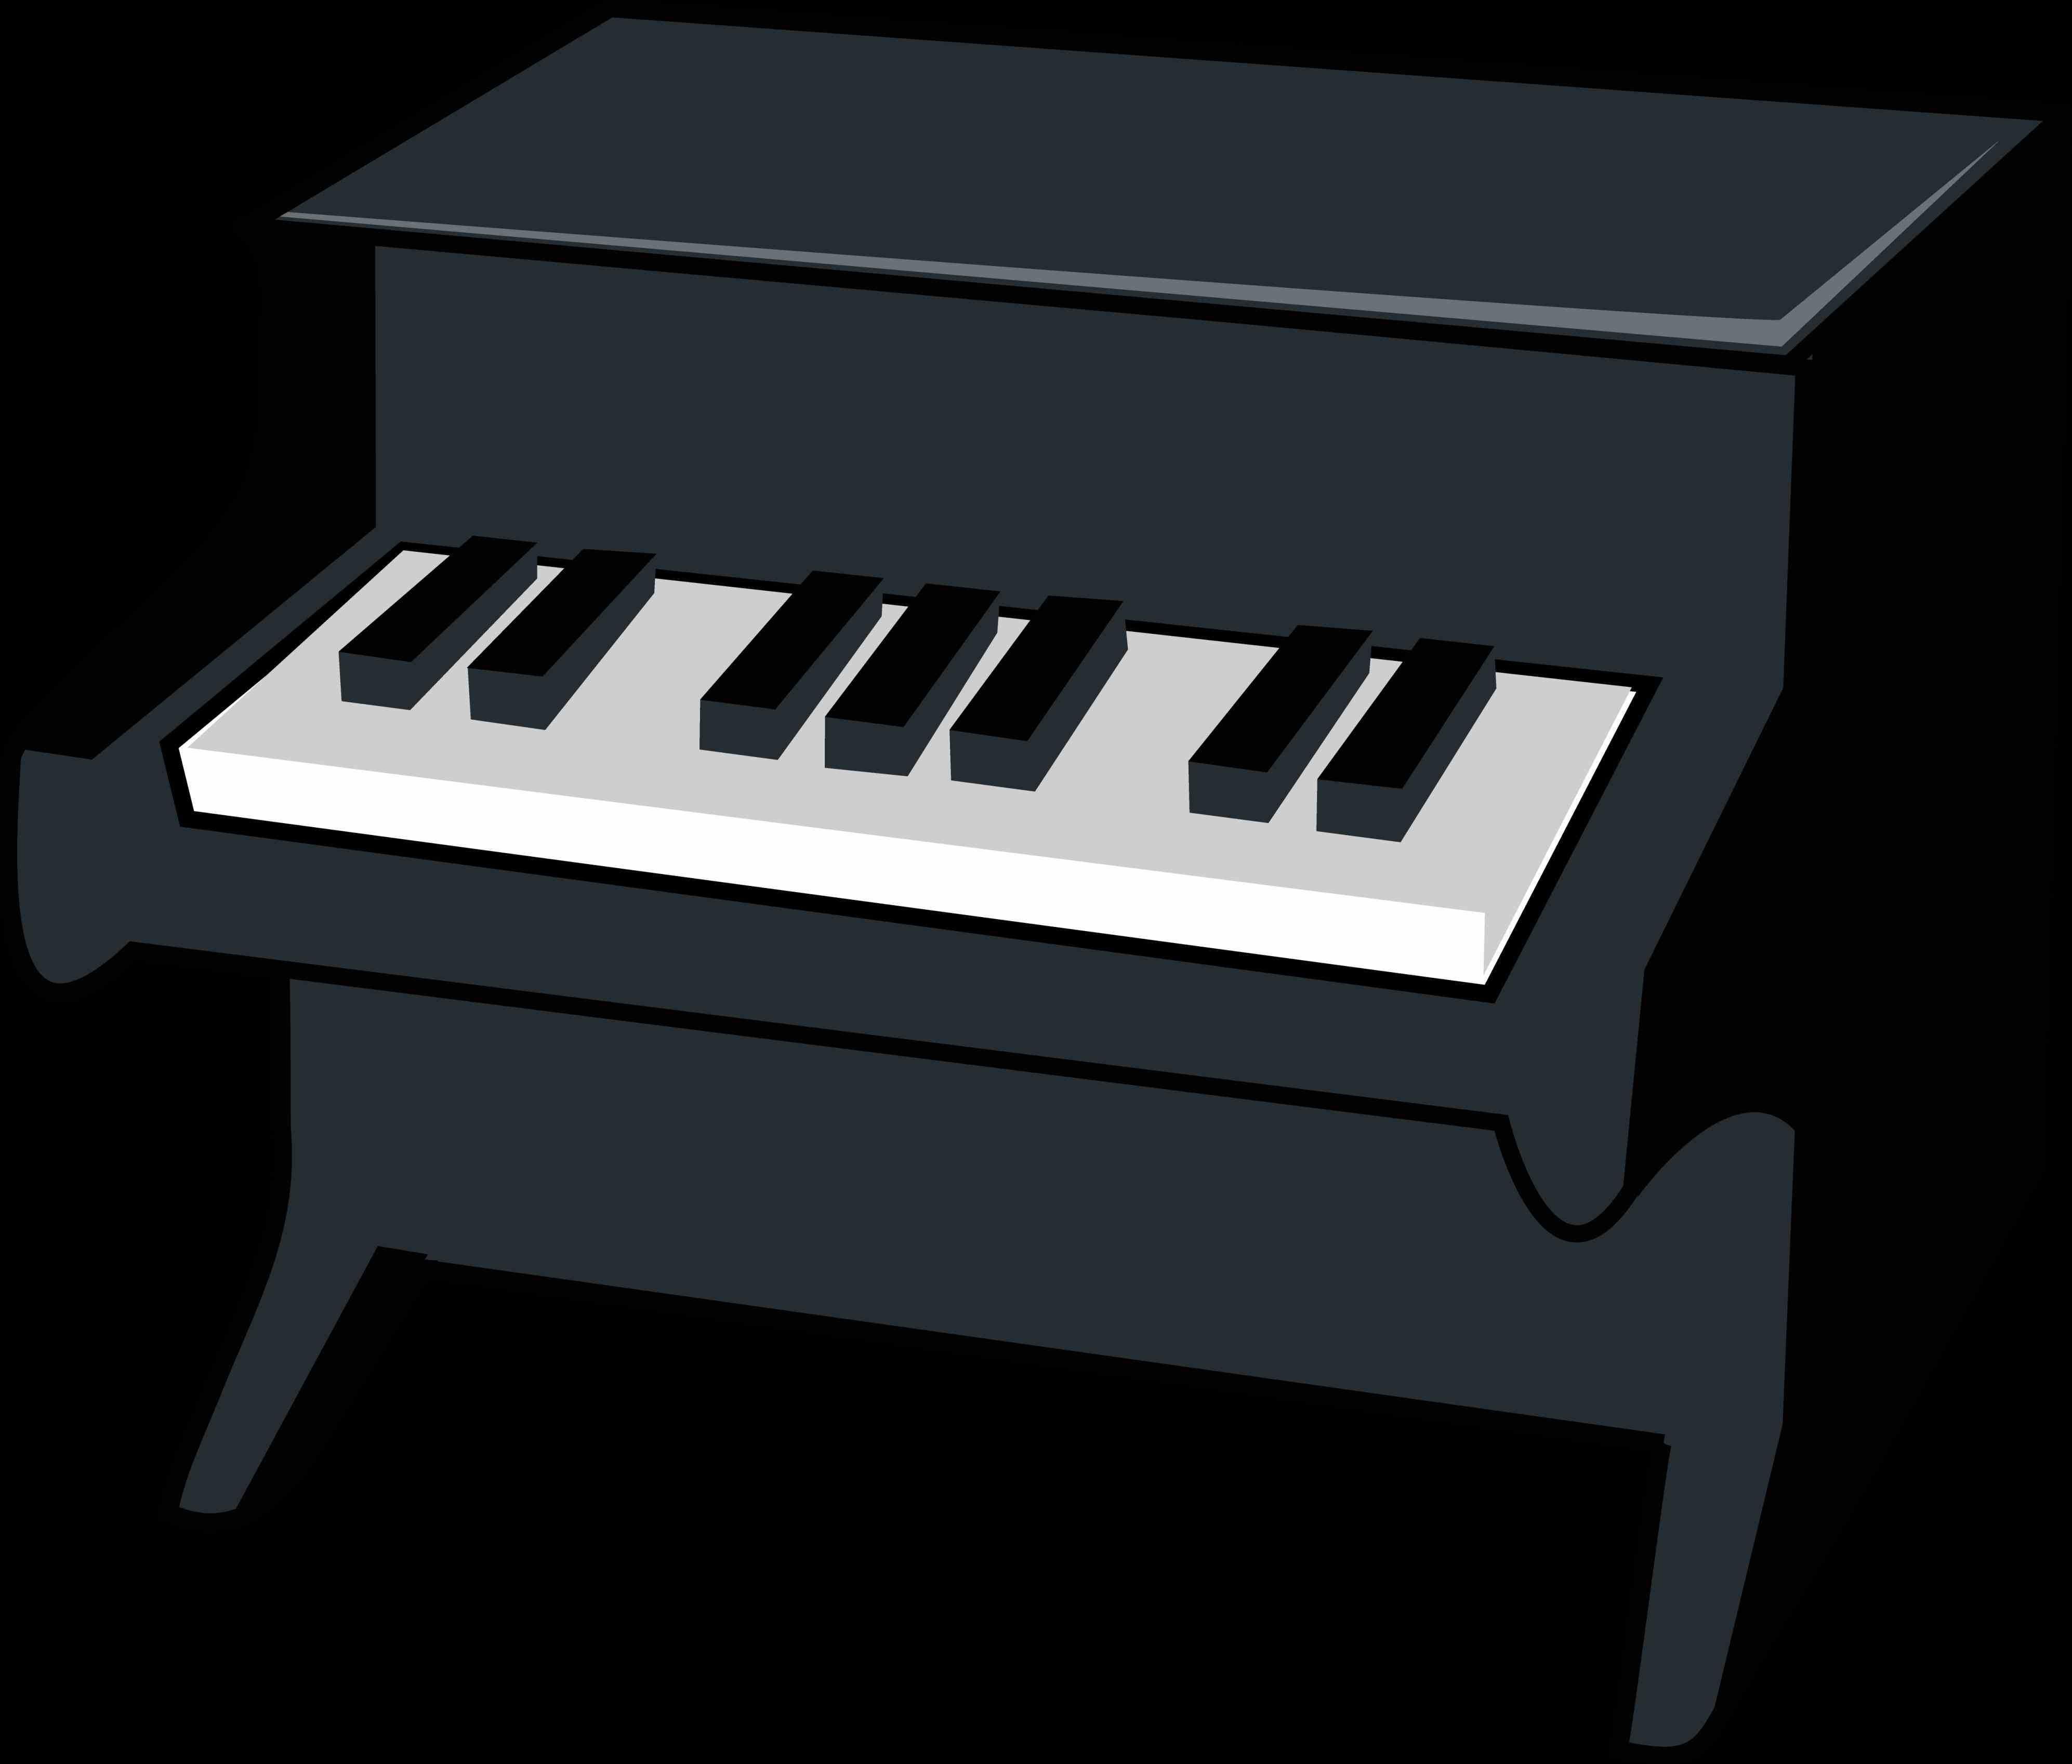 keyboard clipart.